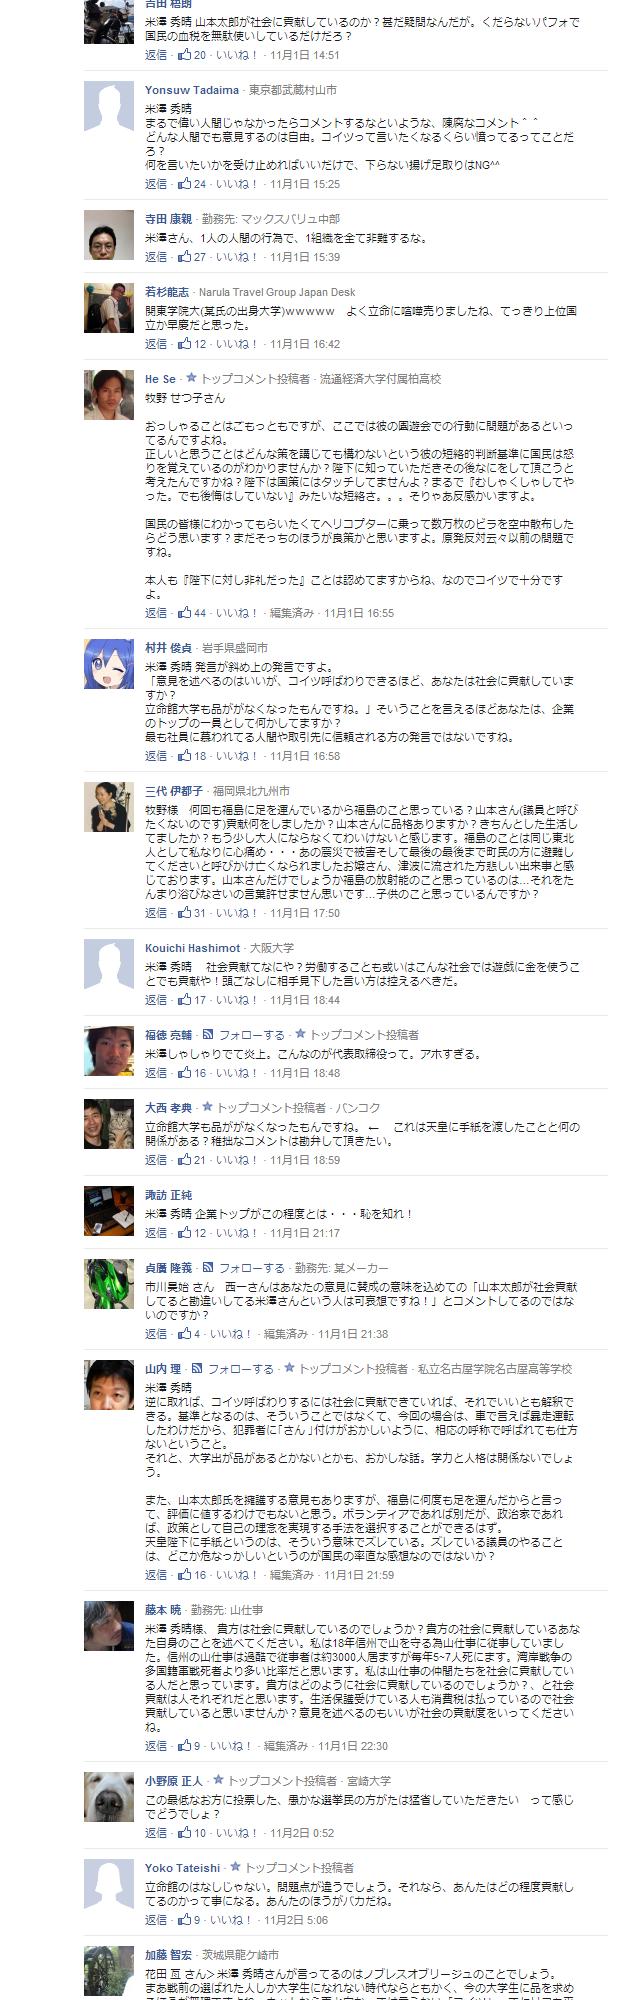 山本太郎氏の天皇陛下に手紙を手渡した行為「支持しない」8割超。「あなたは社会に貢献していますか?〇〇大学も品ががなくなった」と発言の擁護に批判集中し炎上